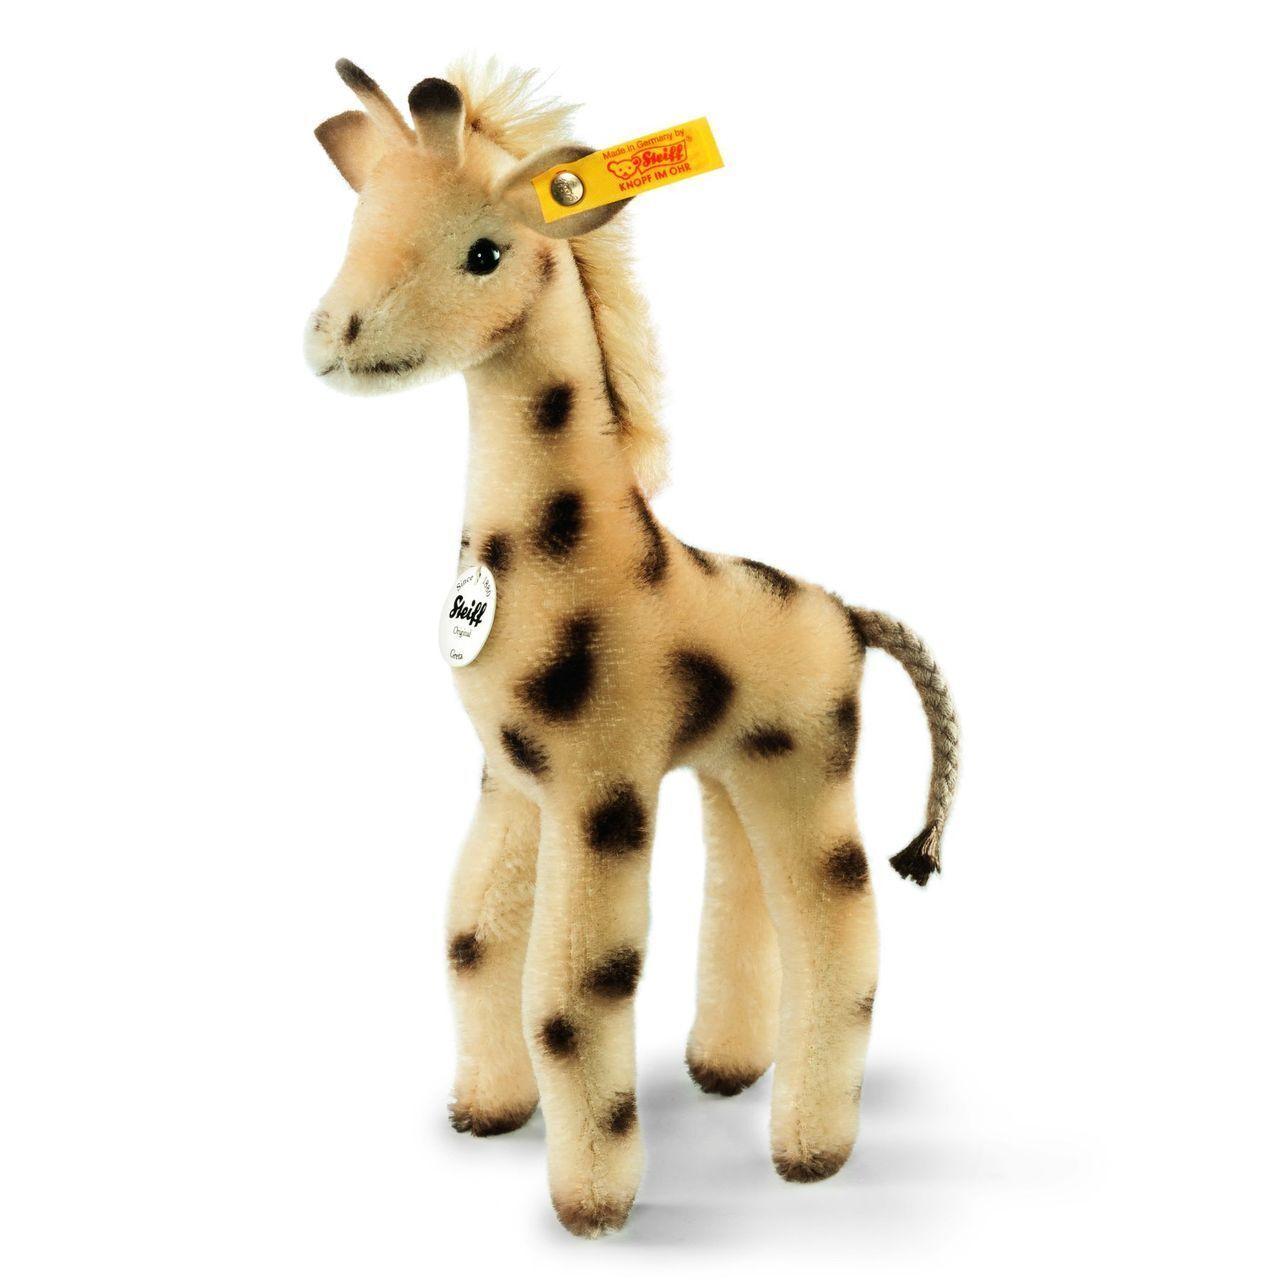 Steiff GRETA GIRAFFE EAN 068058 8.7 inches Mohair Standing Giraffe  - NEW